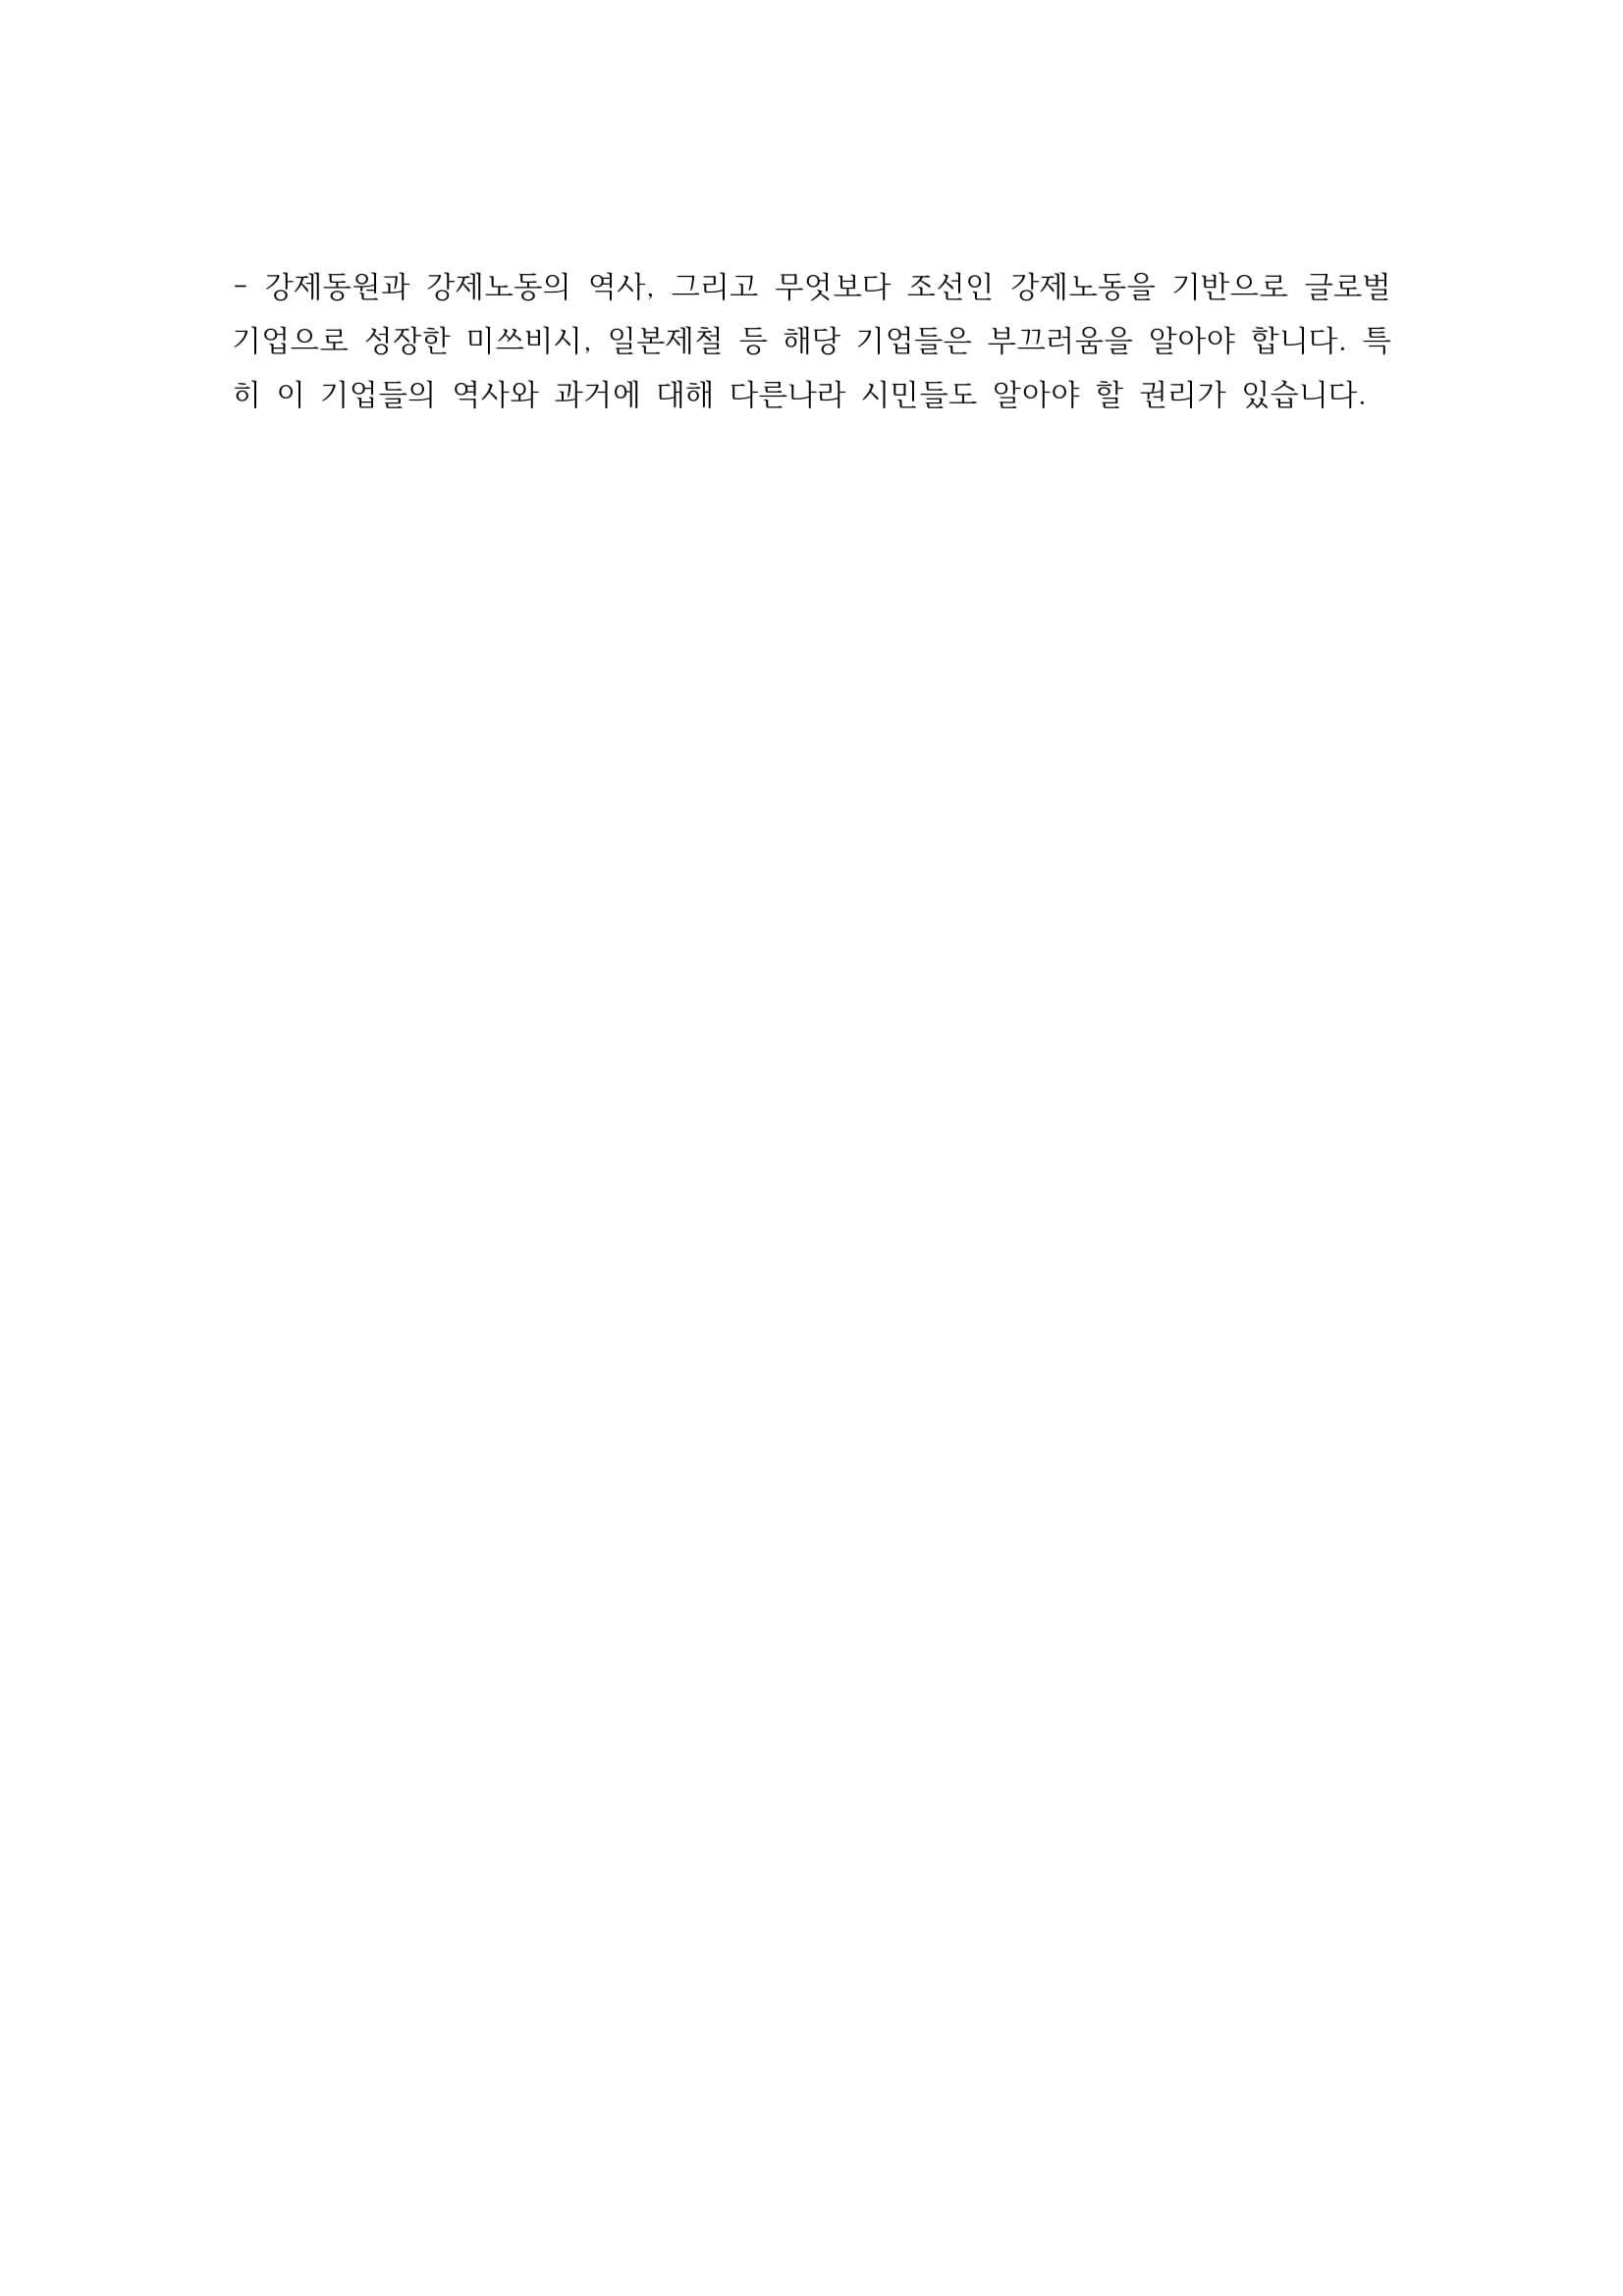 b0156367_11411933.jpg